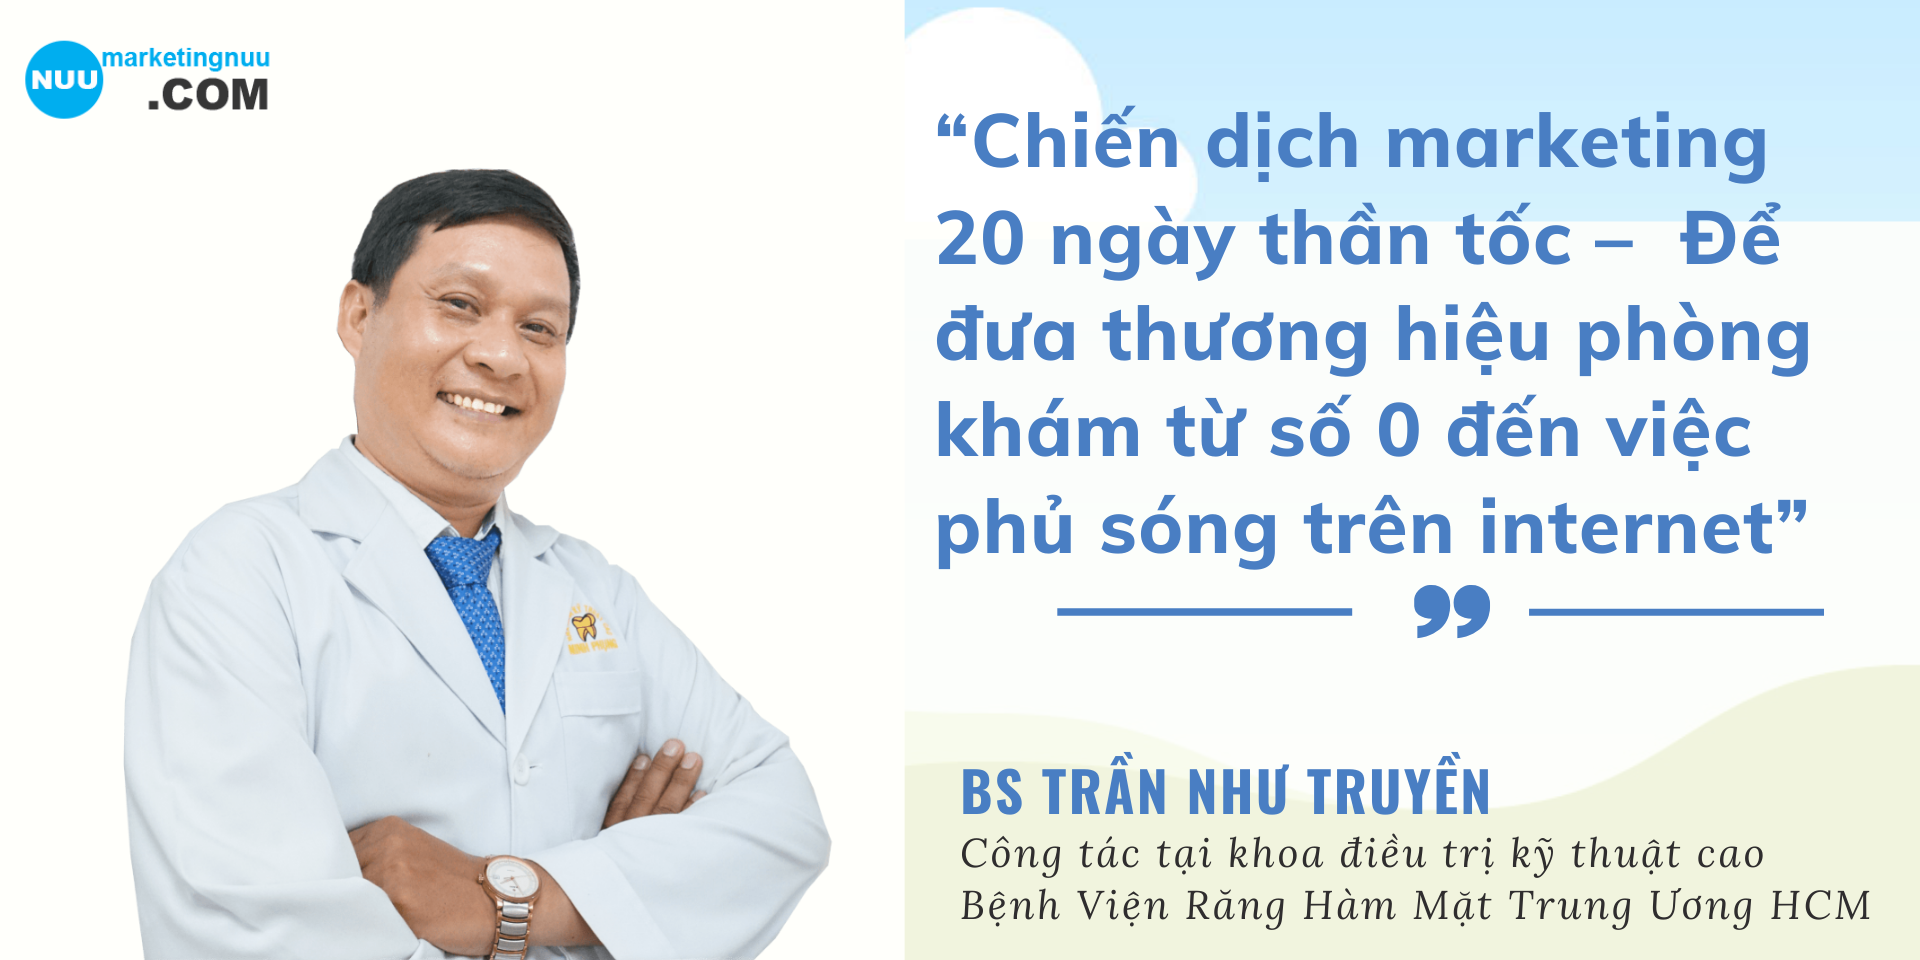 BS Trần Như Truyền Cảm nhận Marketing NUU